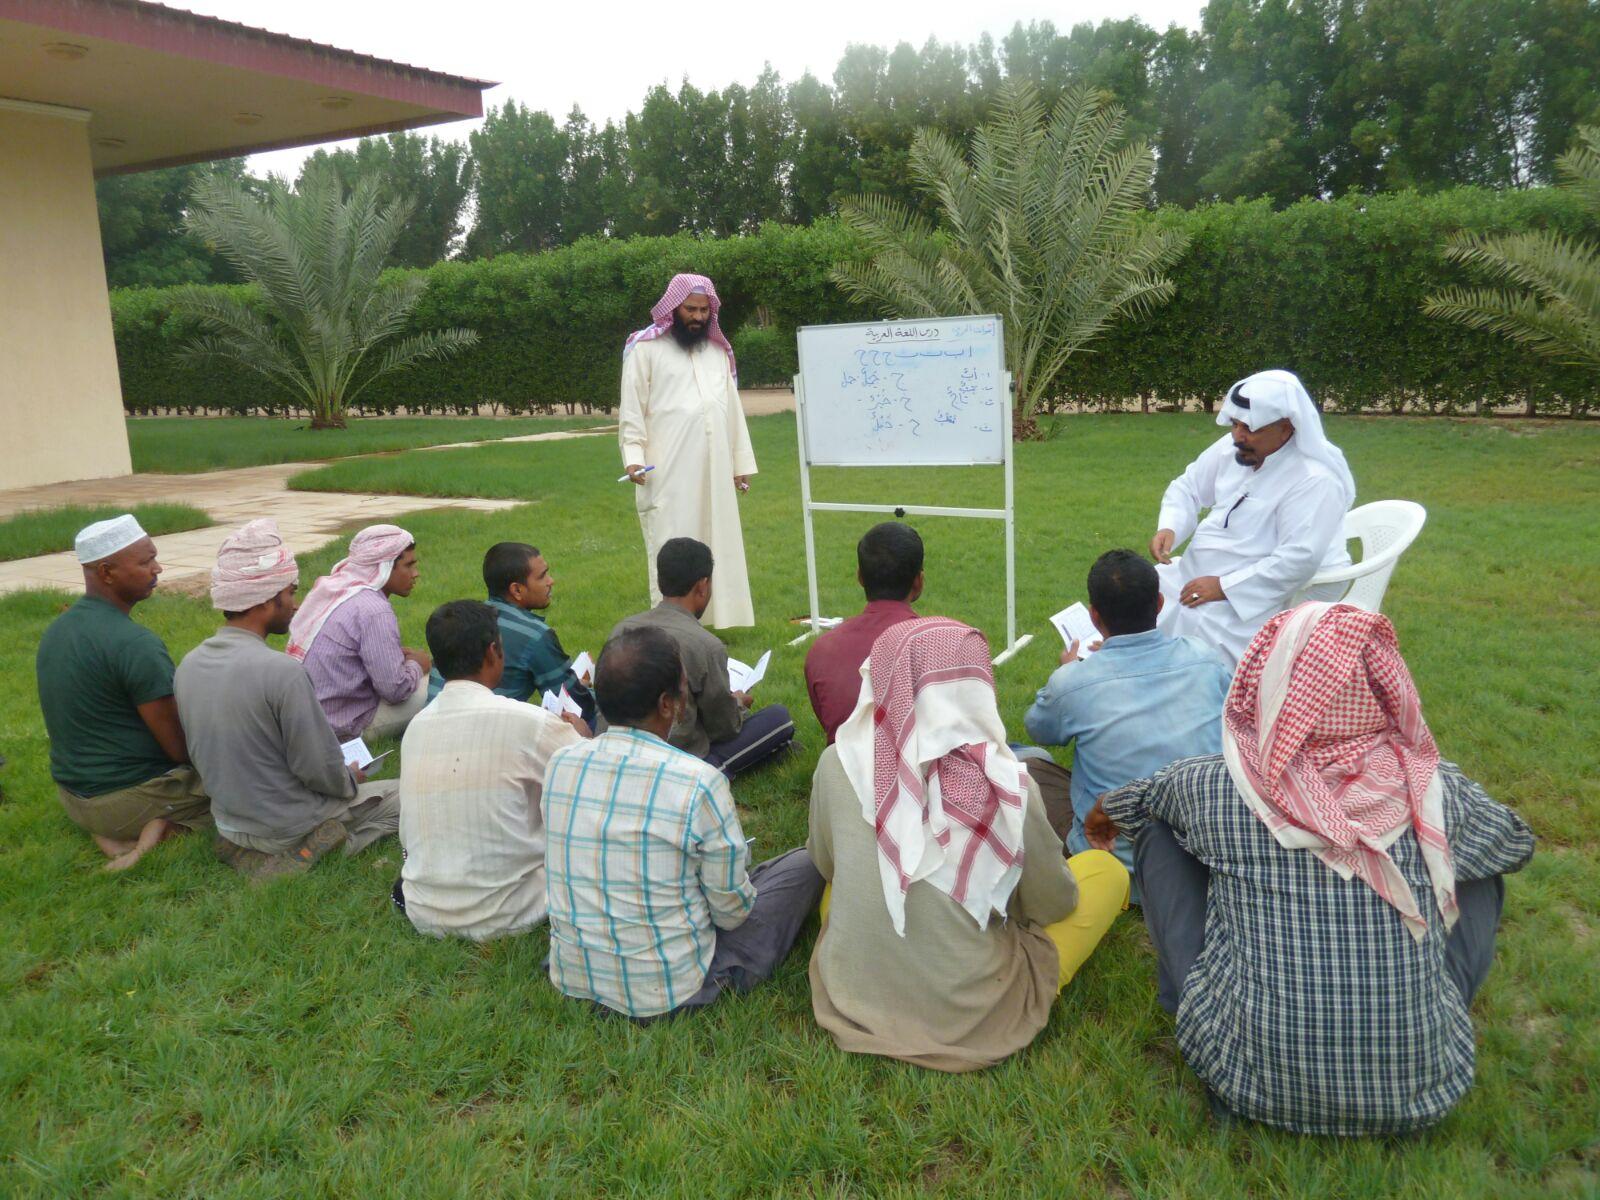 التعريف بالإسلام: إشهار إسلام 15 مهتديا وتنظيم محاضرات دعوية وأنشطة ثقافية بالأحمدي